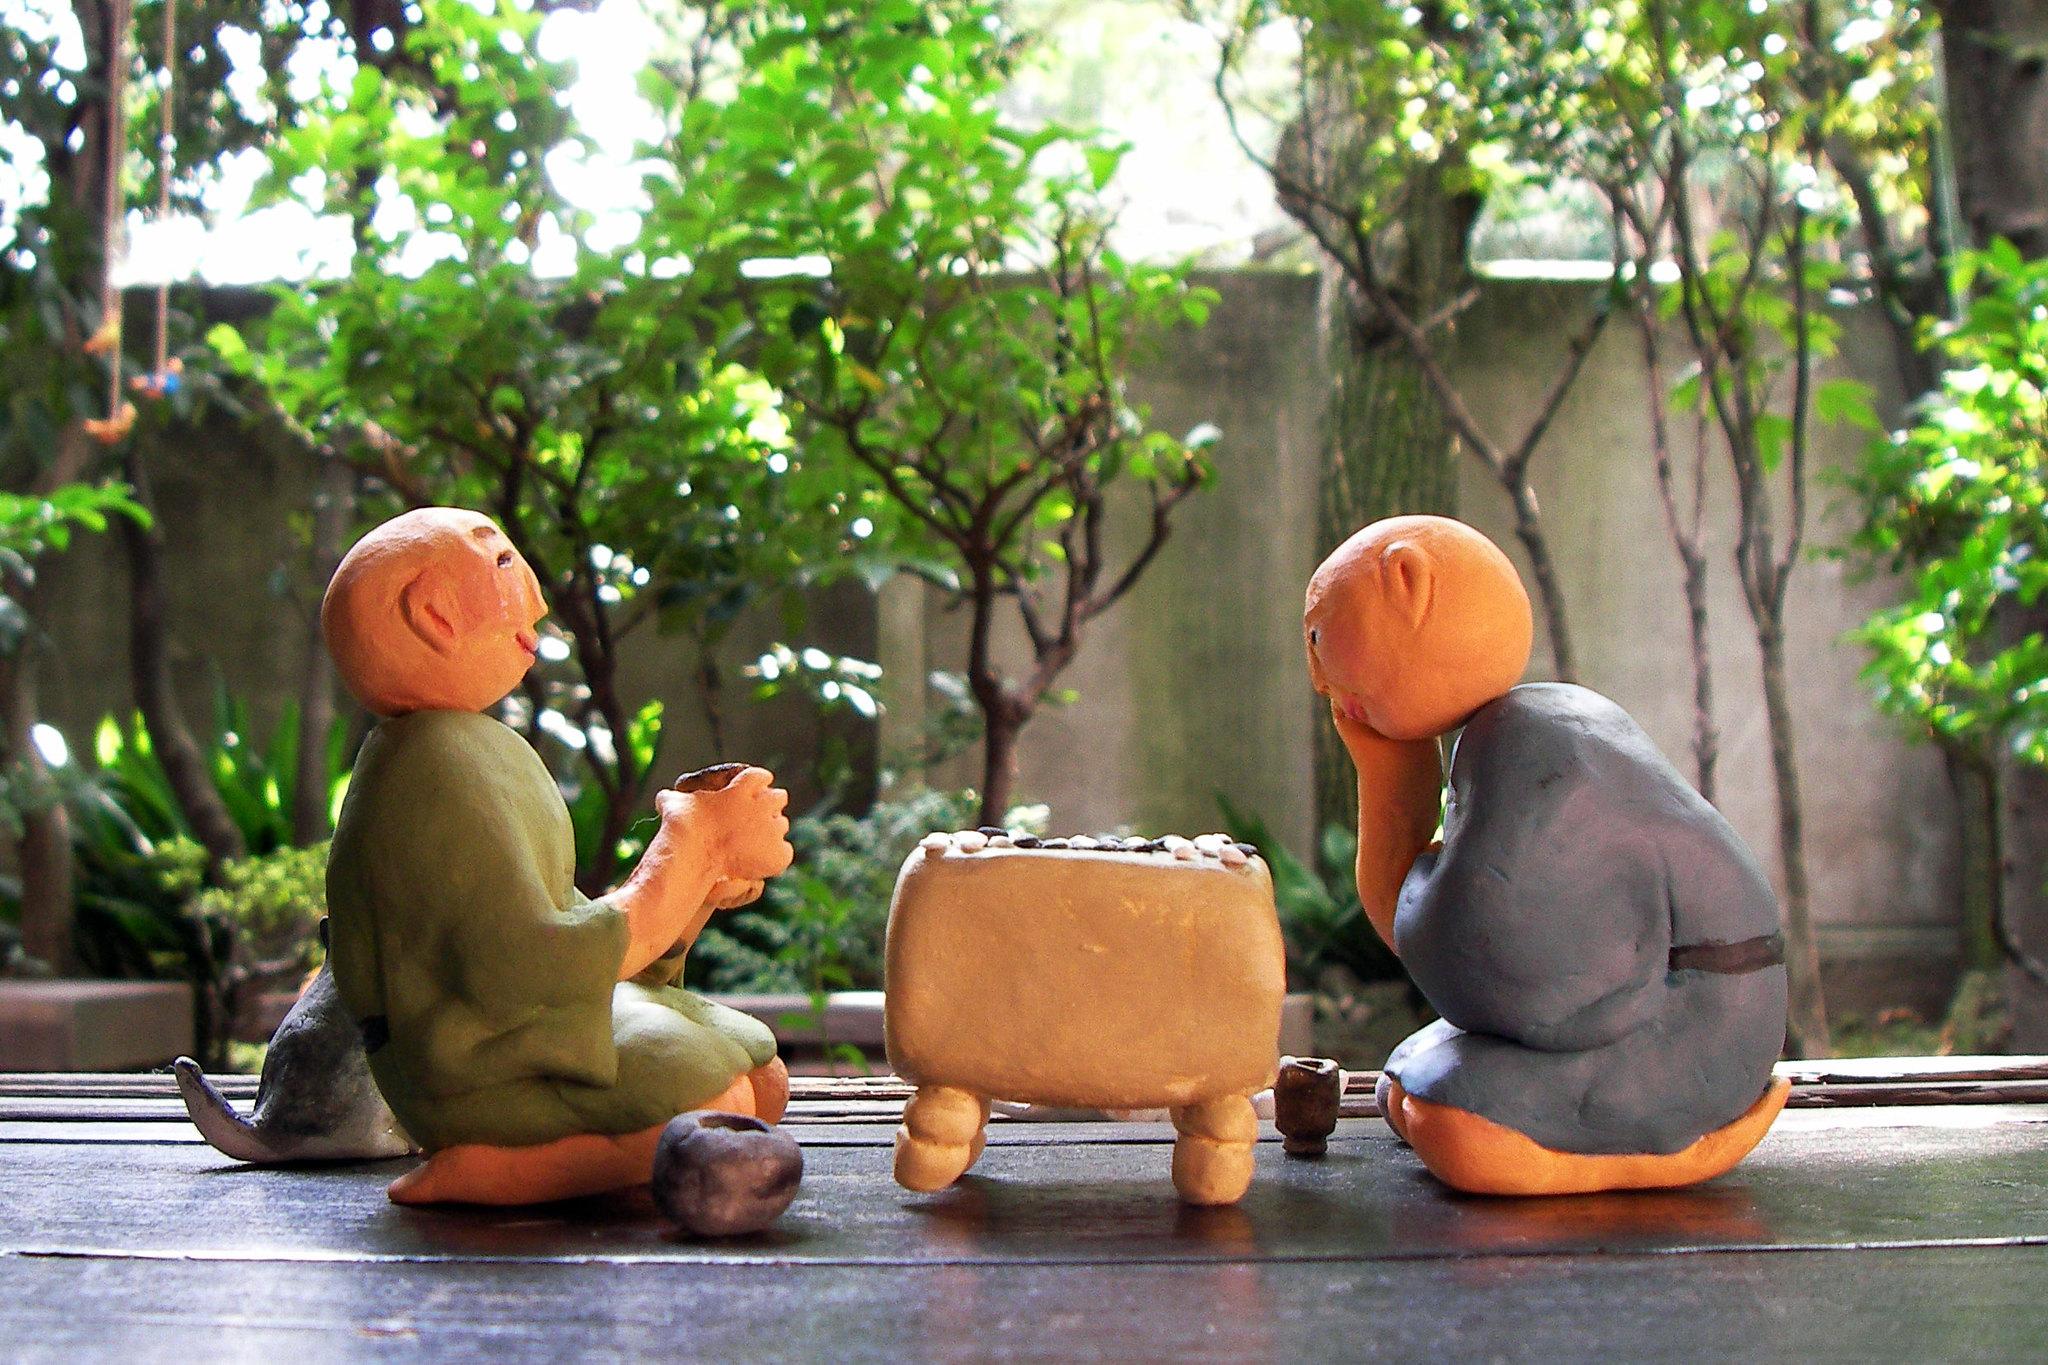 Два человечка из глины играют в настольную игру